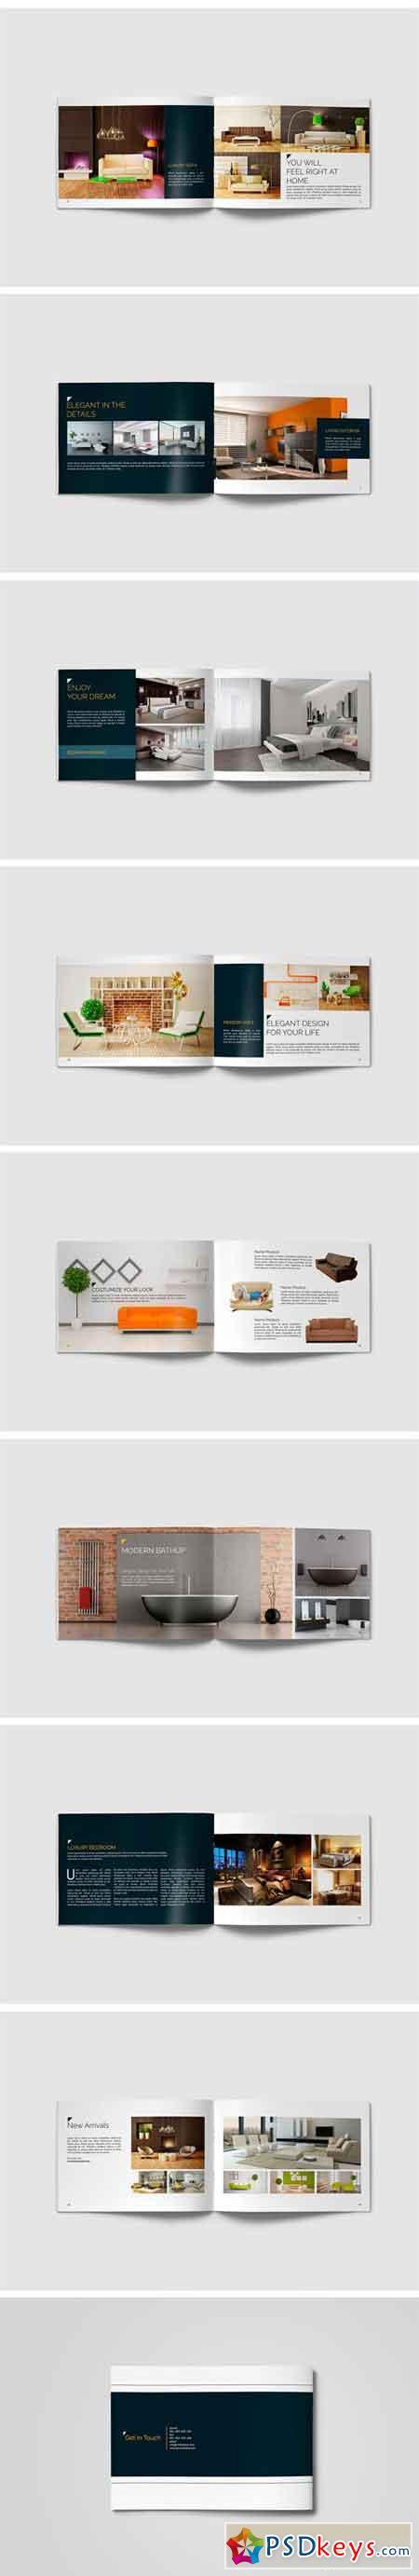 A5 - Brochure Catalogs Portfolio 1297519